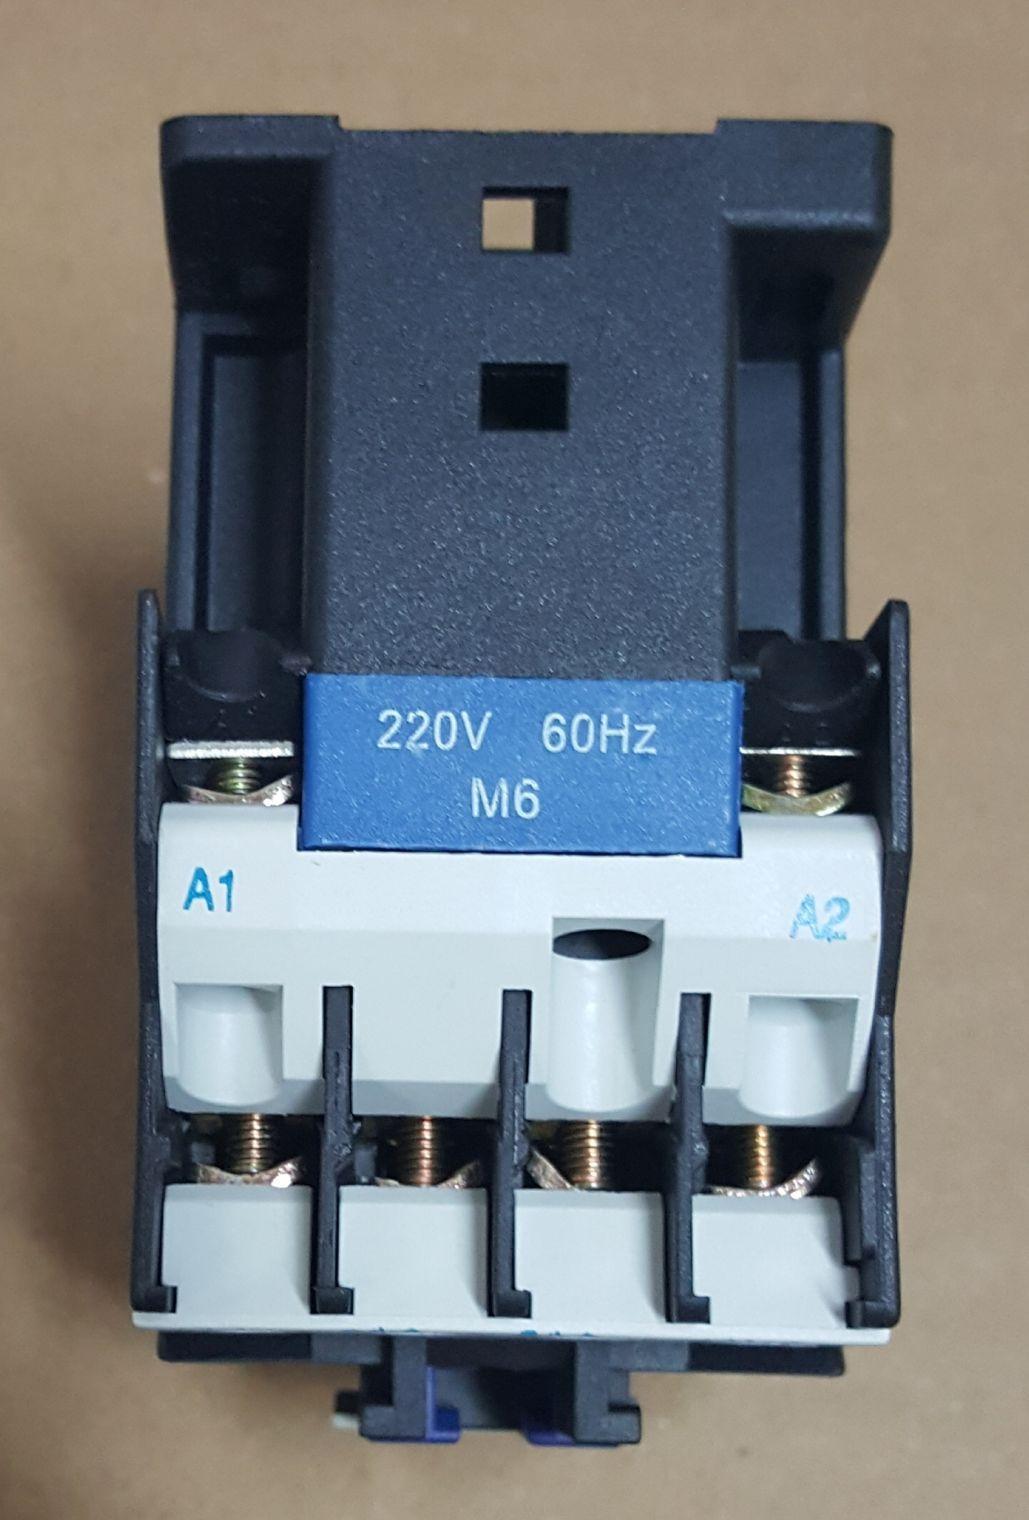 CONTATOR AUXILIAR CJX2-1210 (12 AMPERES) 220V FAIXA AJUSTE 20A